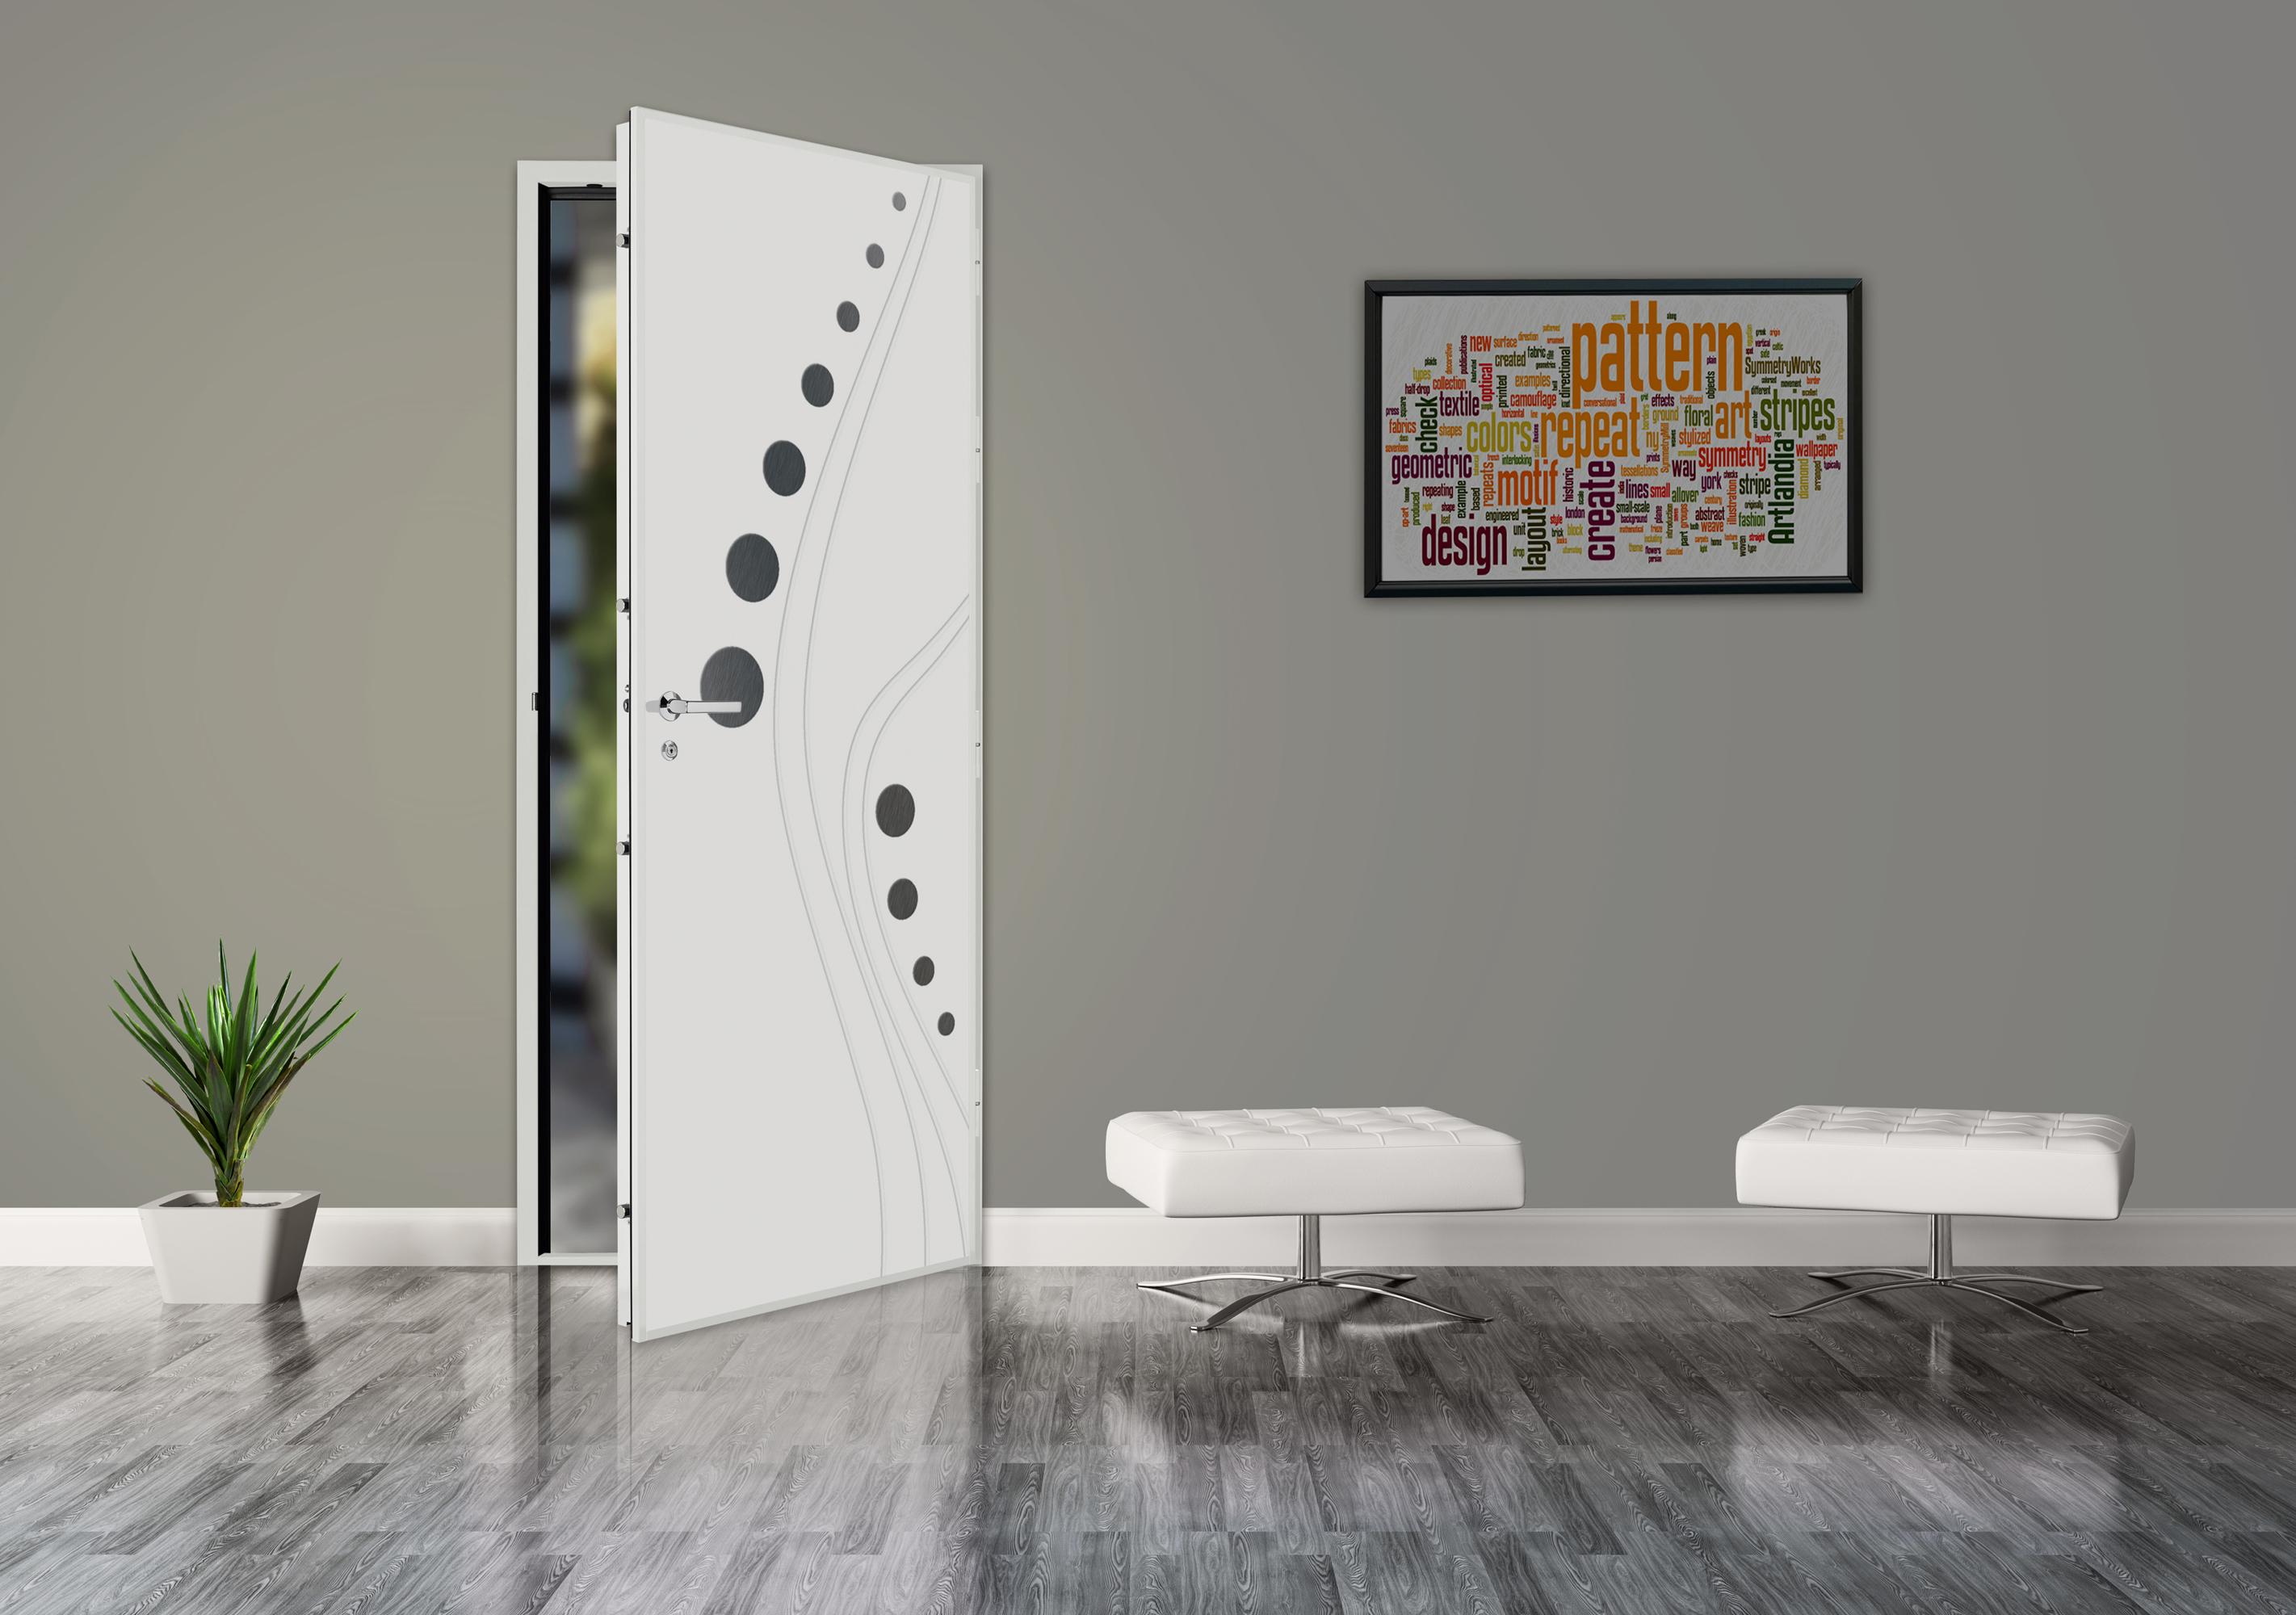 Tremendous Prix D Une Porte Blindee Image Kvazarinfo - Porte placard coulissante jumelé avec portes blindées tordjman